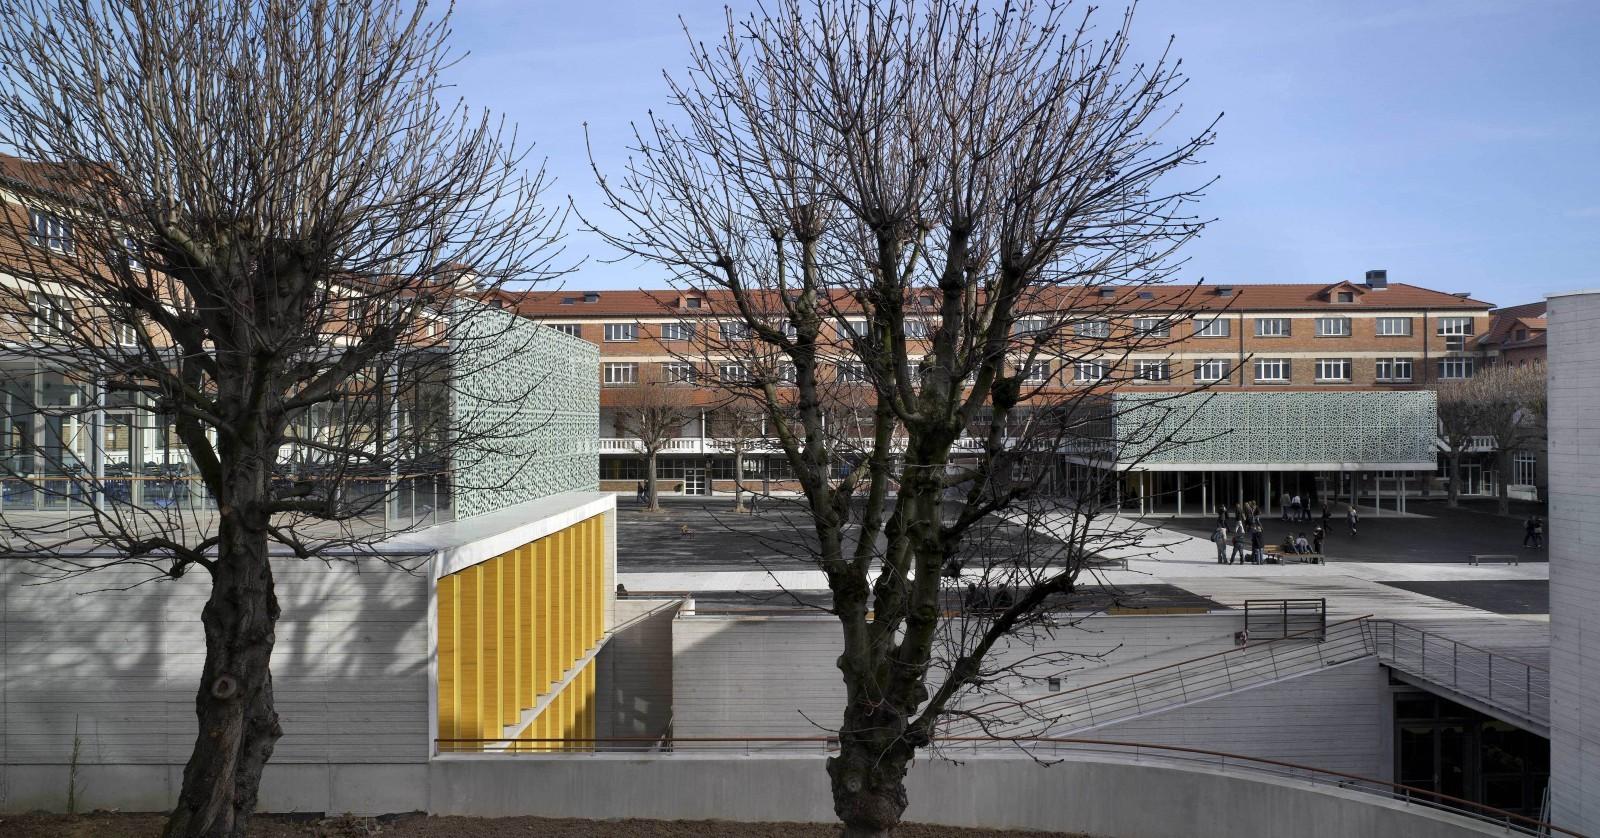 Le lycée Roosevelt à Reims : bâtiment amphithéâtre/salle d'examen, creusé dans la cour. © JM Jacquet.